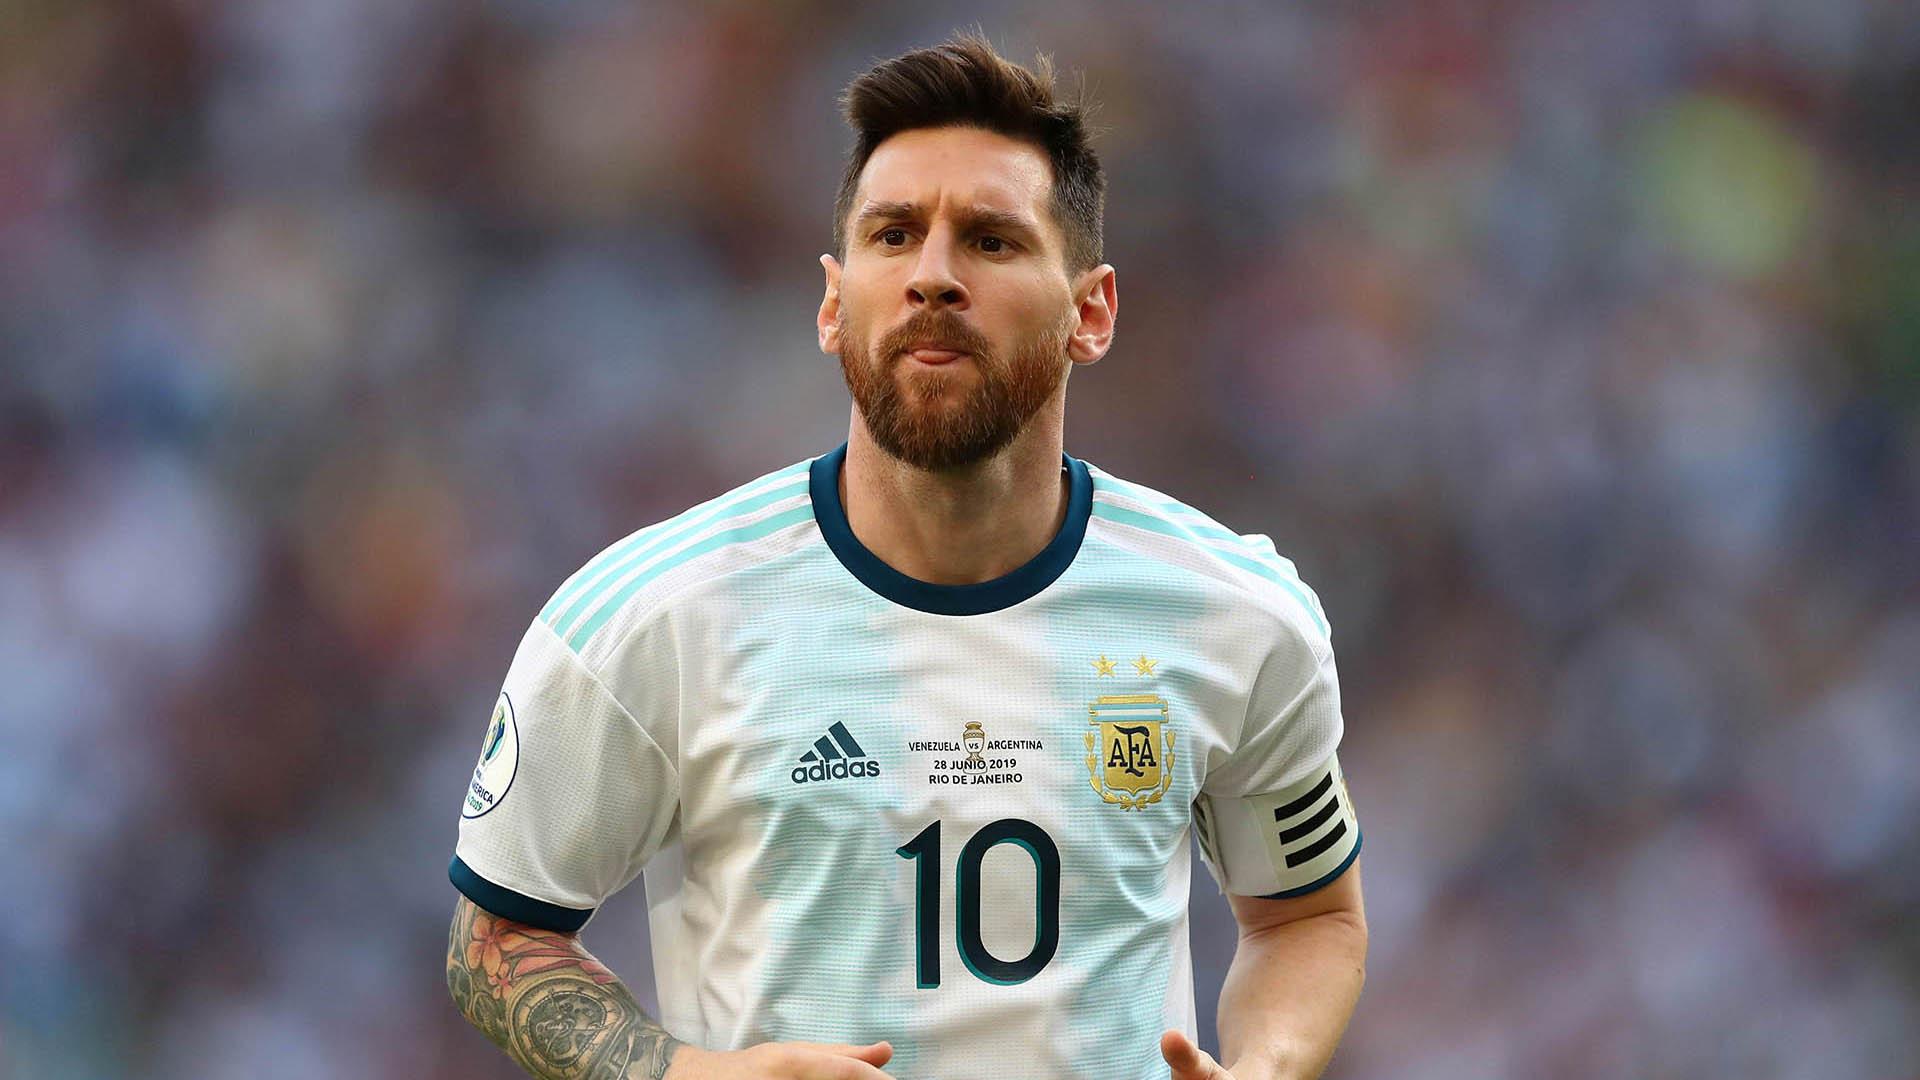 Lionel Messi en la última Copa América (Foto: REUTERS/Pilar Olivares)